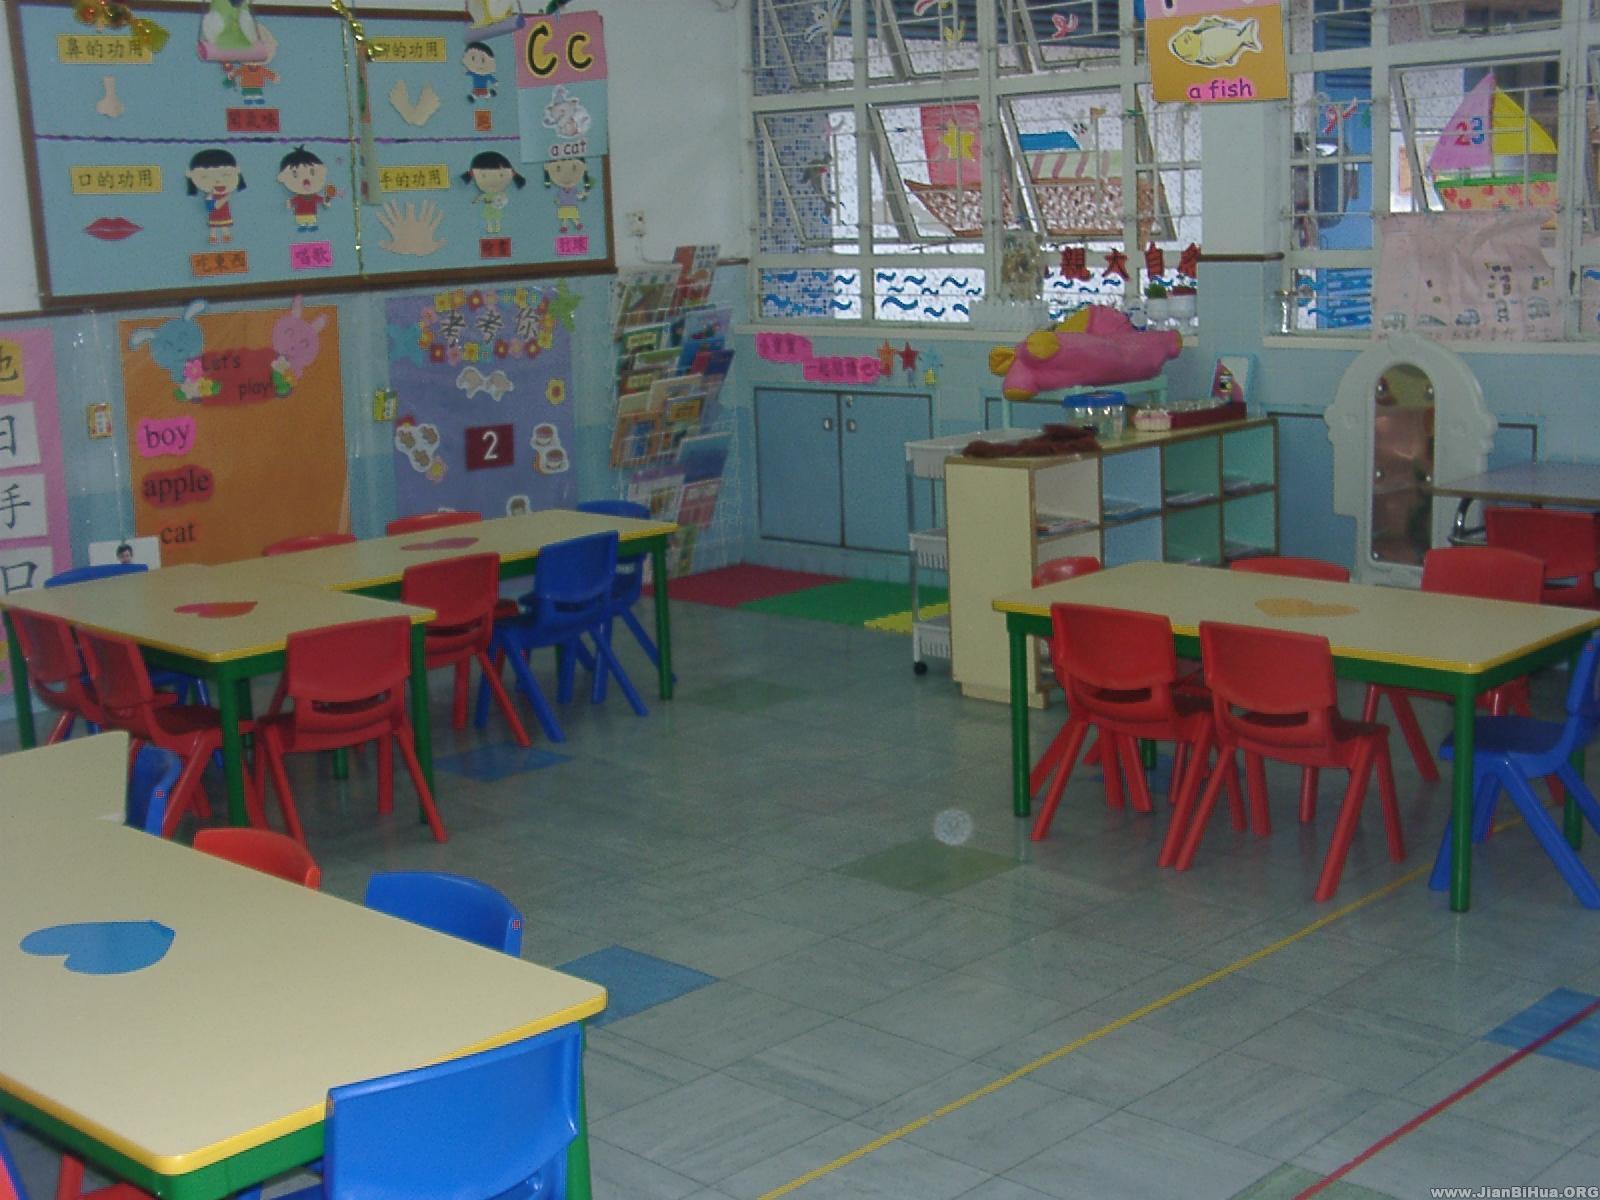 幼儿园活动教室布置图片大全 第2张